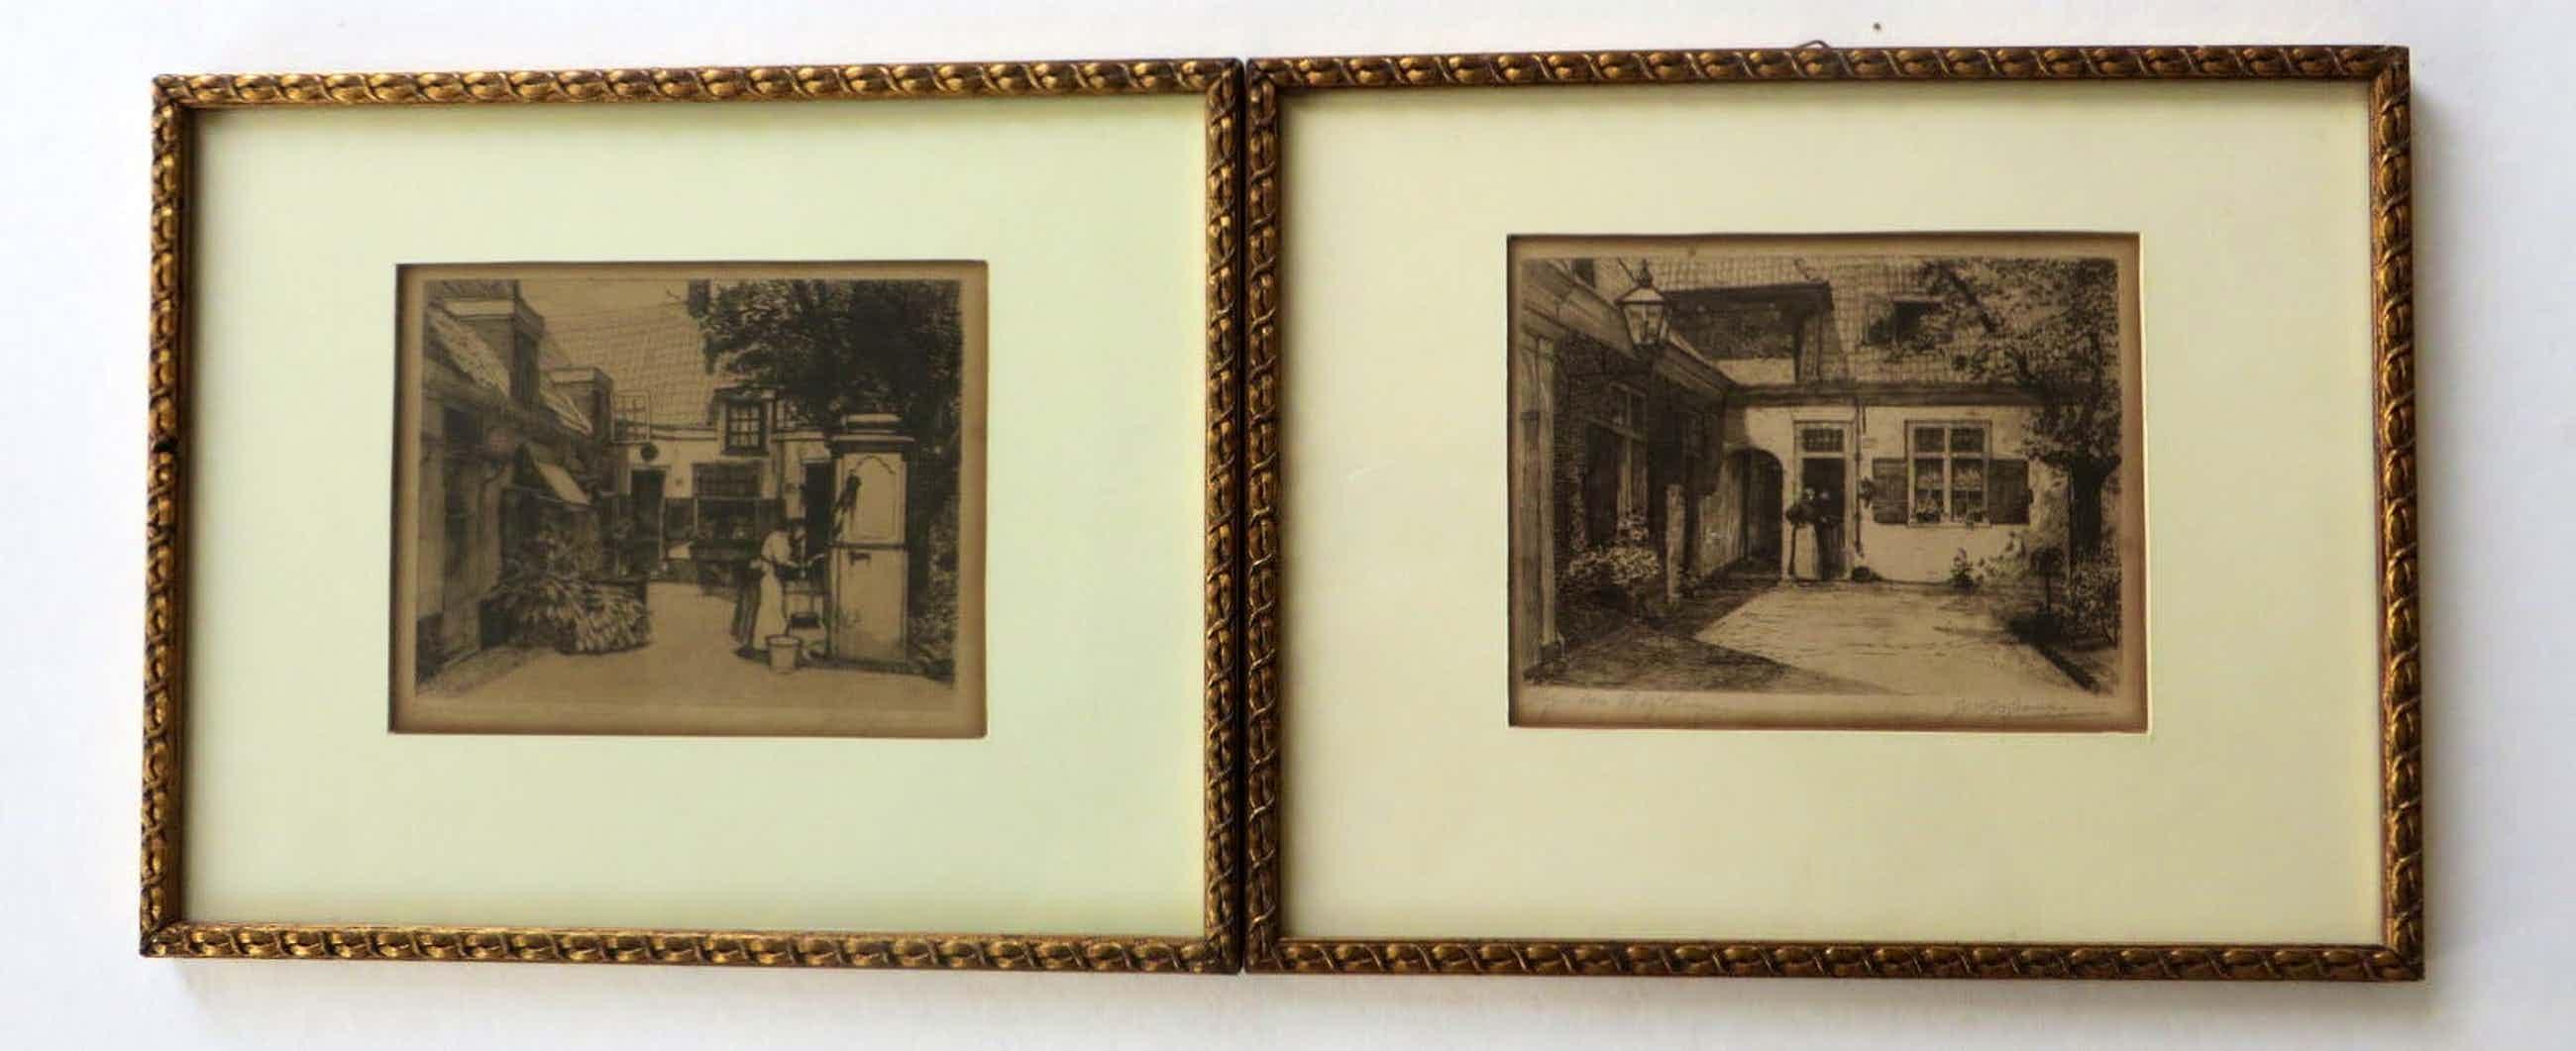 Johannes Josseaud - Twee afbeeldingen van Haarlemse hofjes. Groothuishofje en Heythuijzen hofje. kopen? Bied vanaf 35!